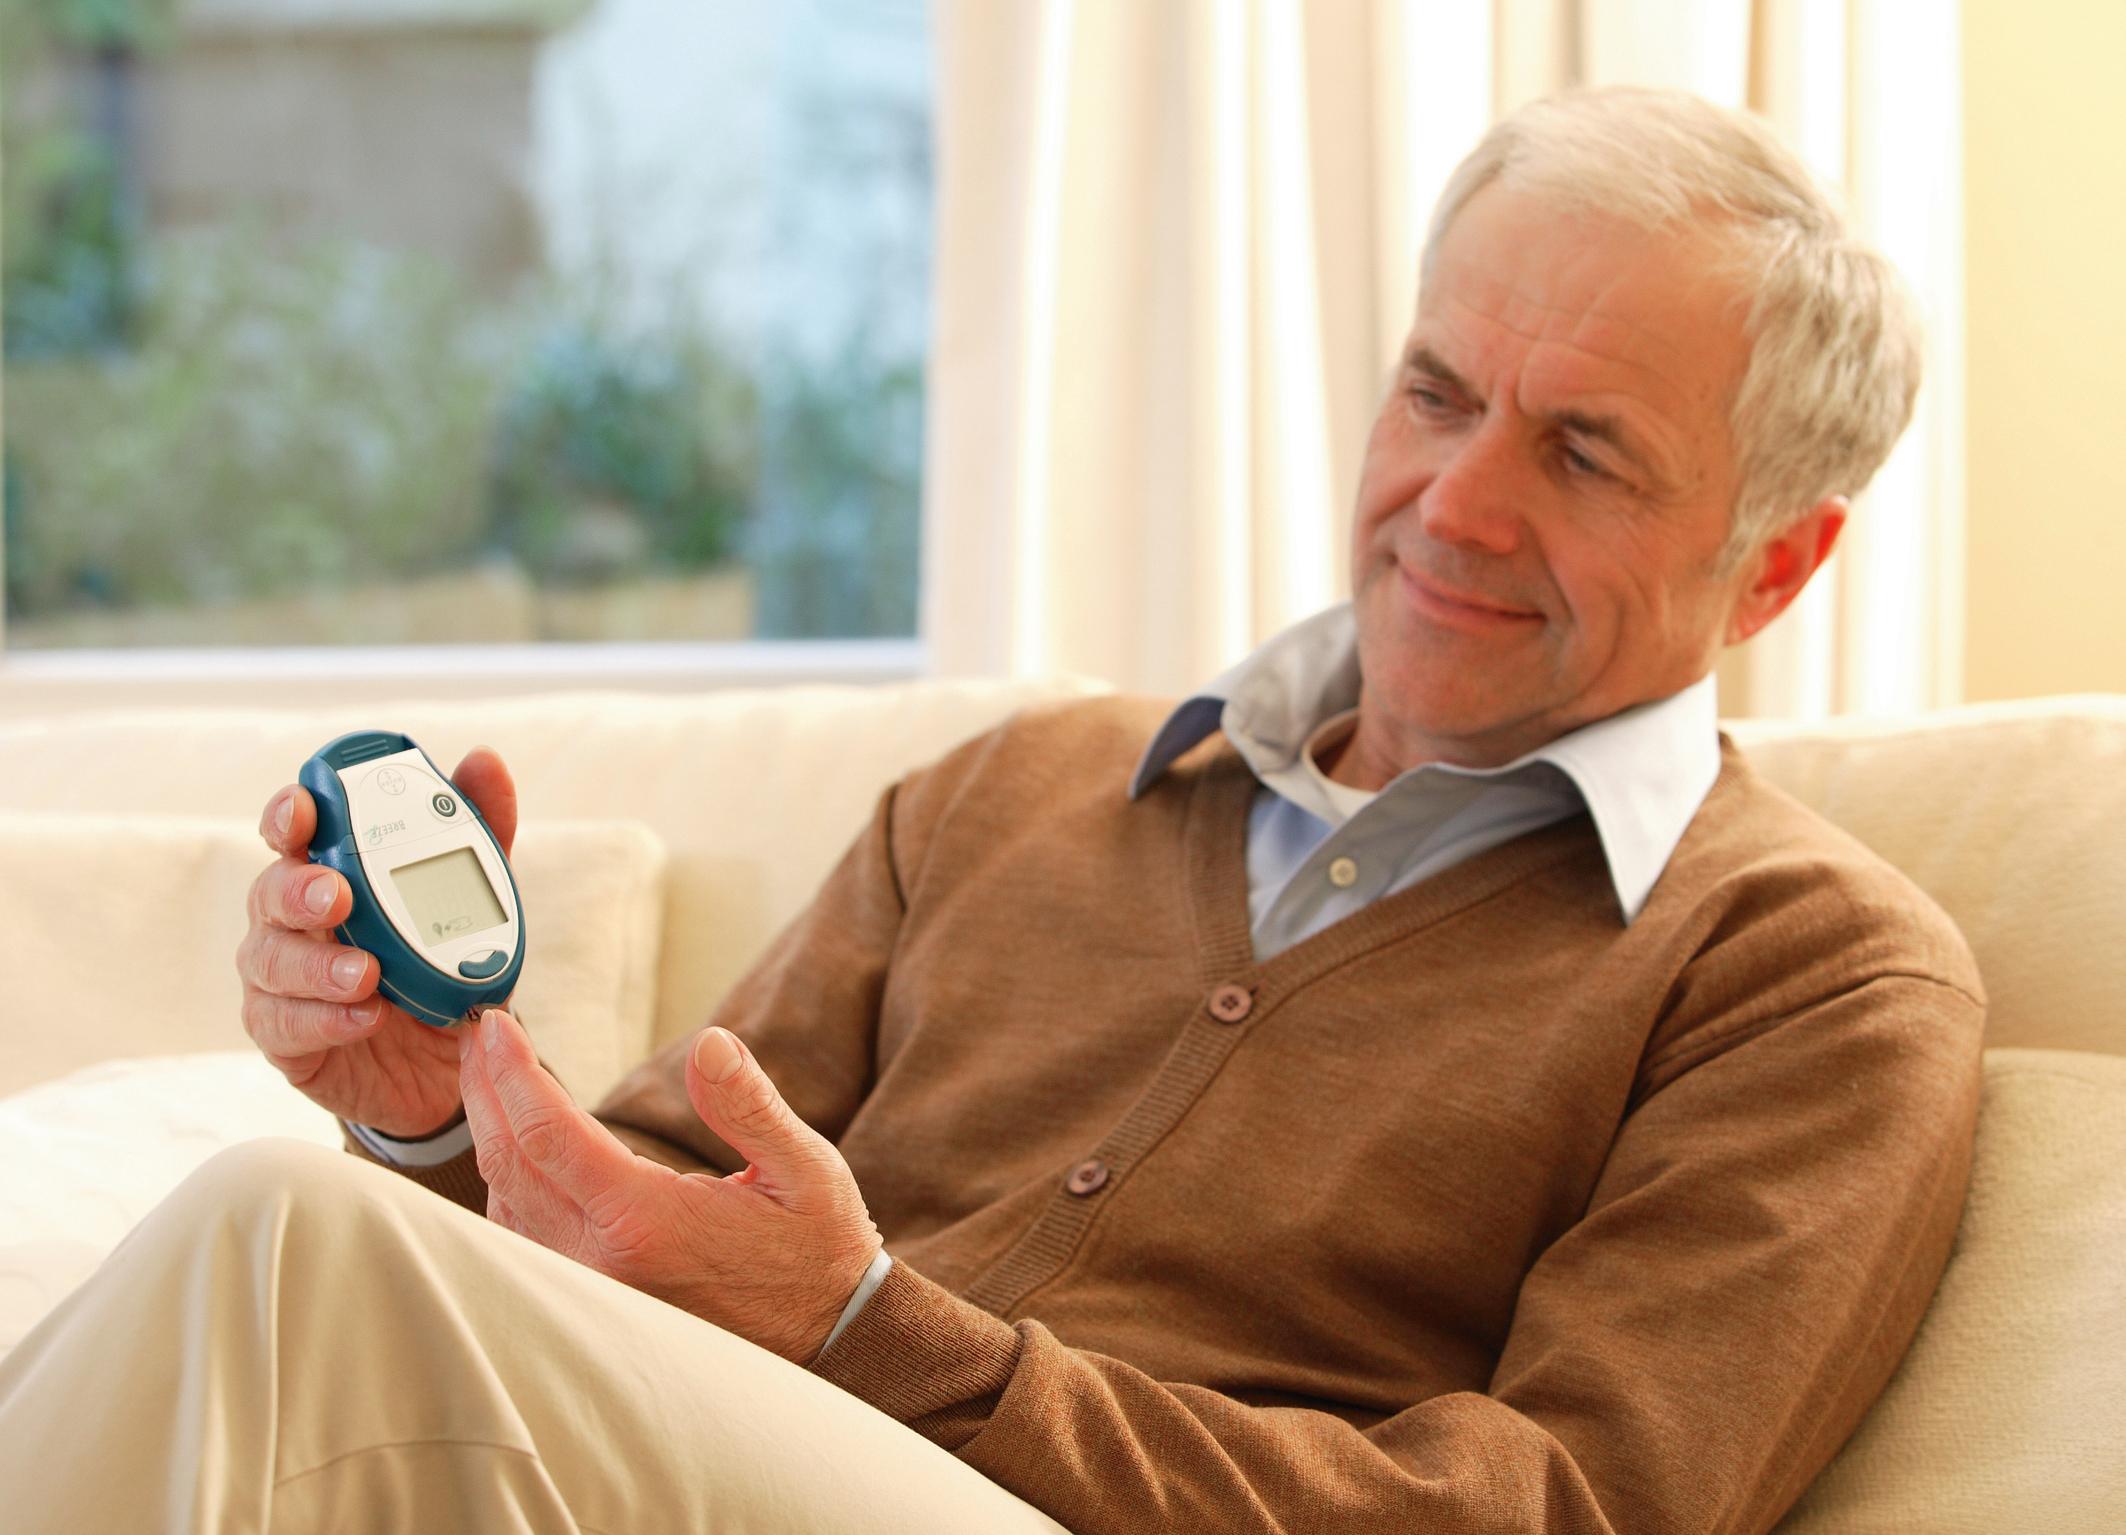 Las personas con diabetes tienen hasta 6 veces más riesgo de sufrir una fractura por fragilidad ósea